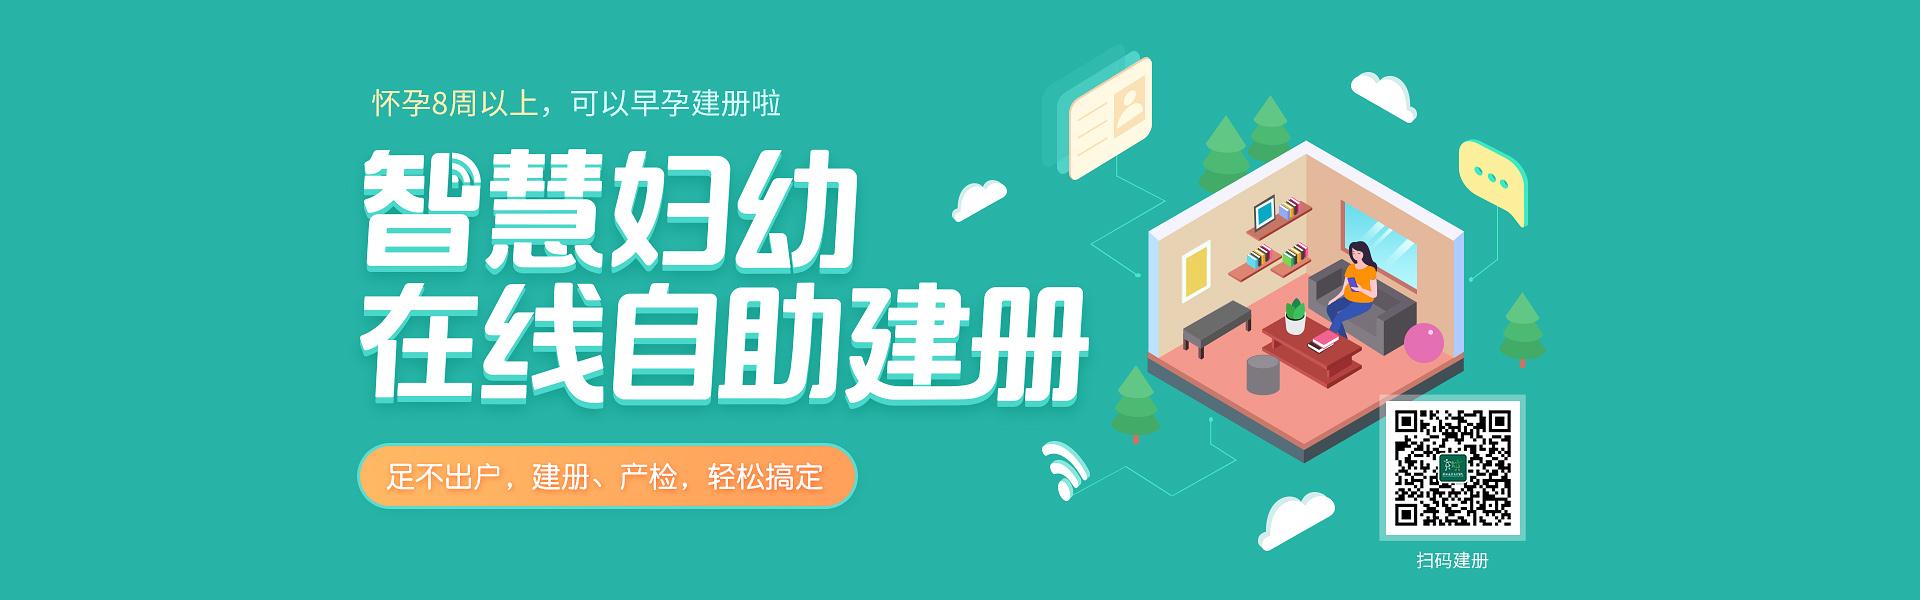 远东智慧妇幼系统上线-在线自助建册